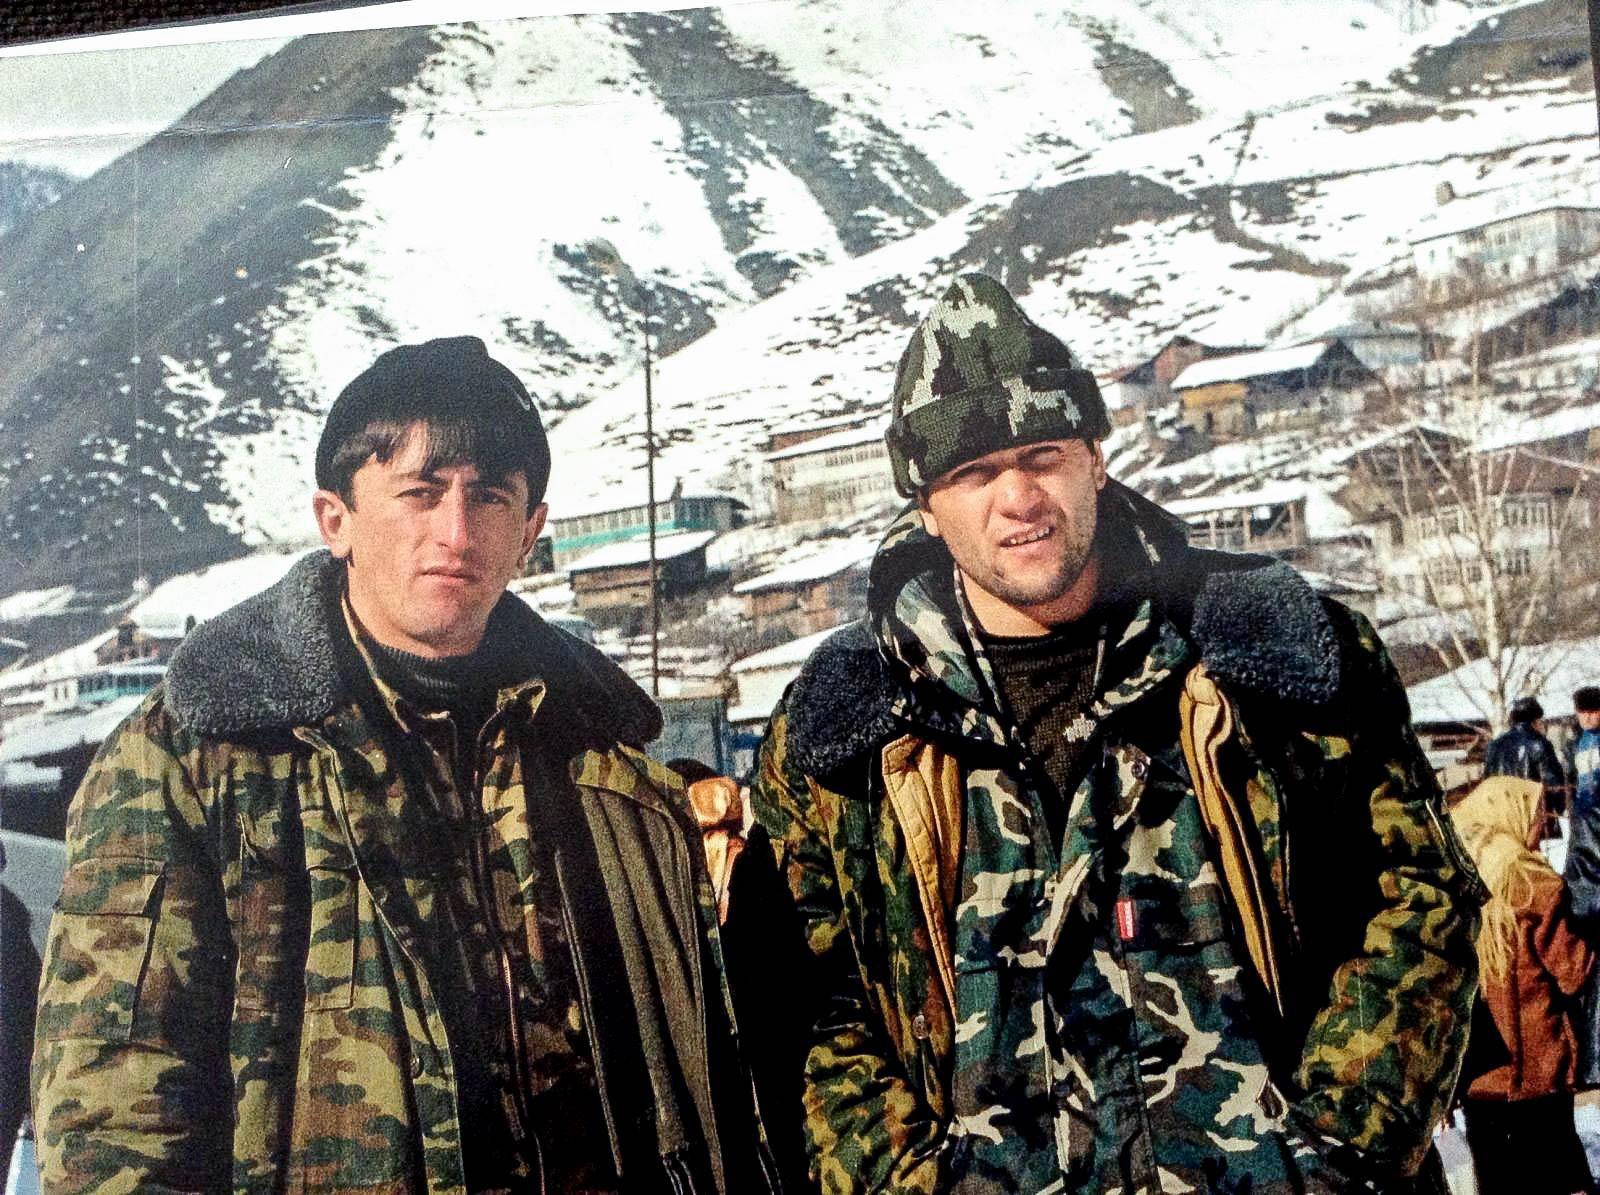 Уничтожившие одного из главарей Ичкерии Руслана (Хамзата) Гелаева пограничники — старший сержант Абдухалик Курбанов и старшина Мухтар Сулейманов